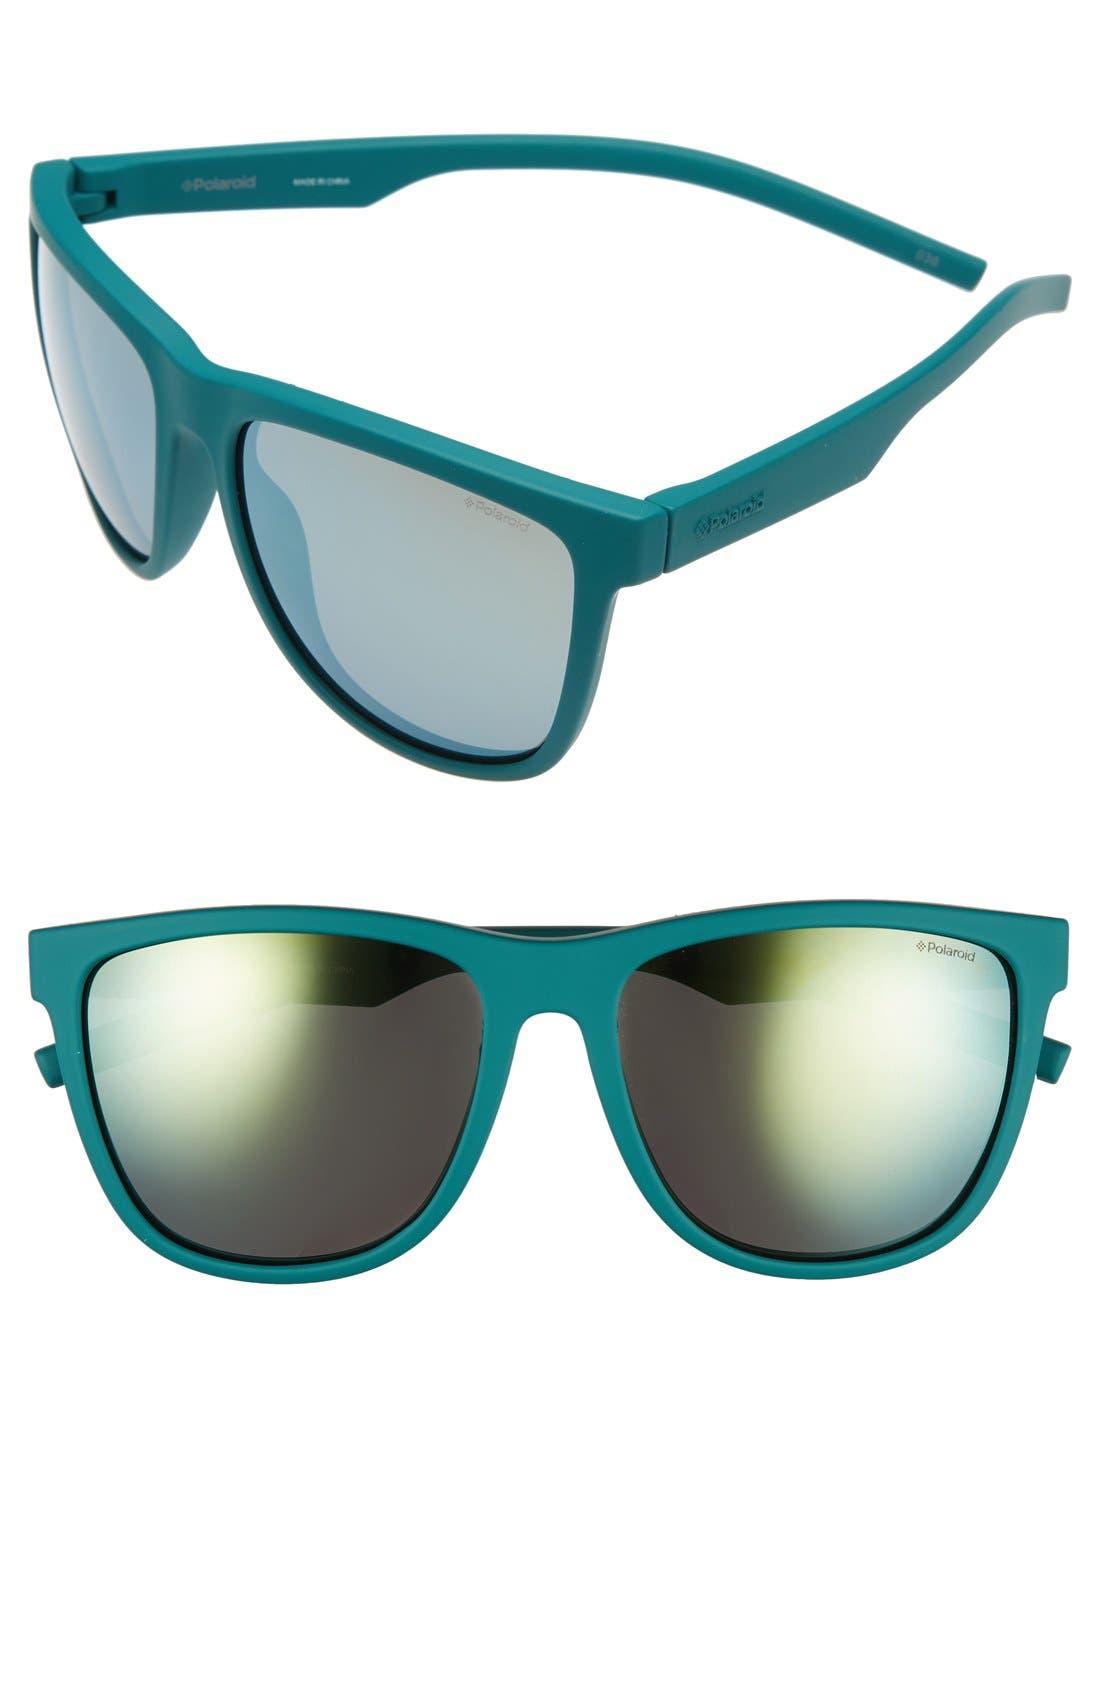 56mm Retro Polarized Sunglasses,                         Main,                         color, Green/ Grey Gold Mirror